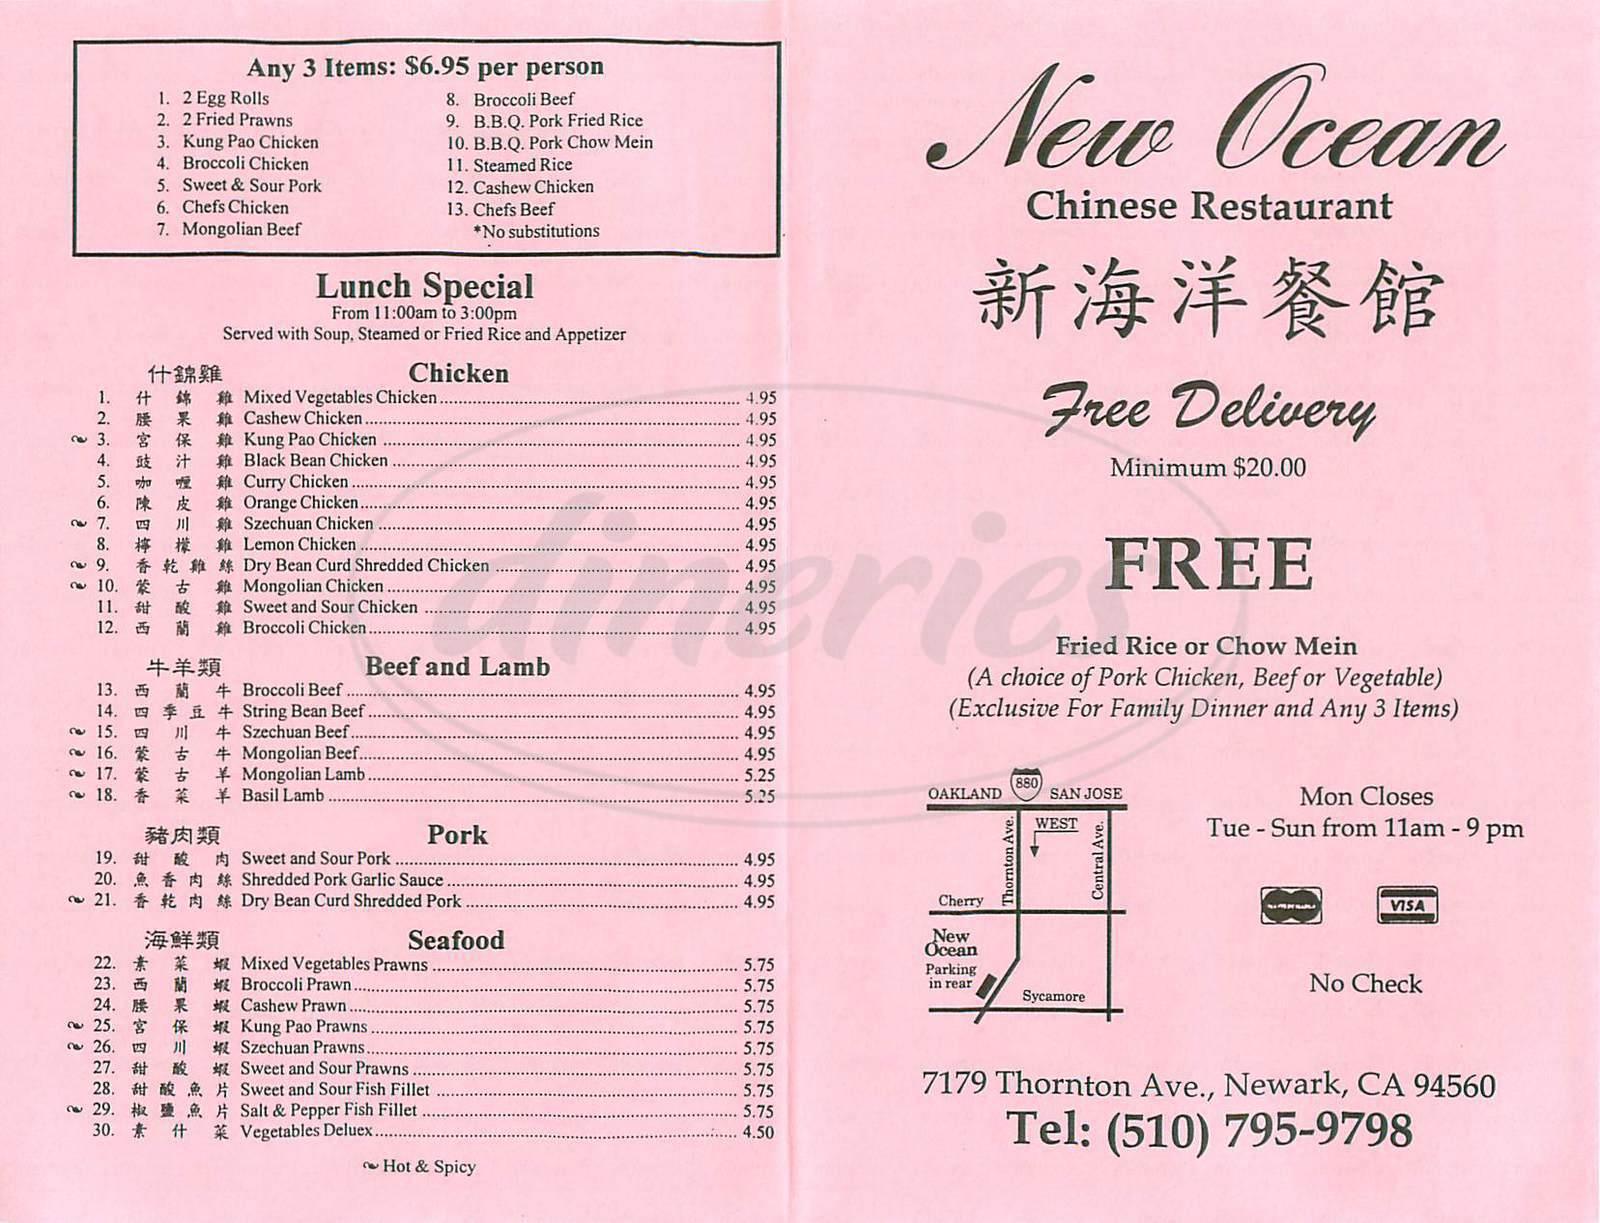 menu for New Ocean